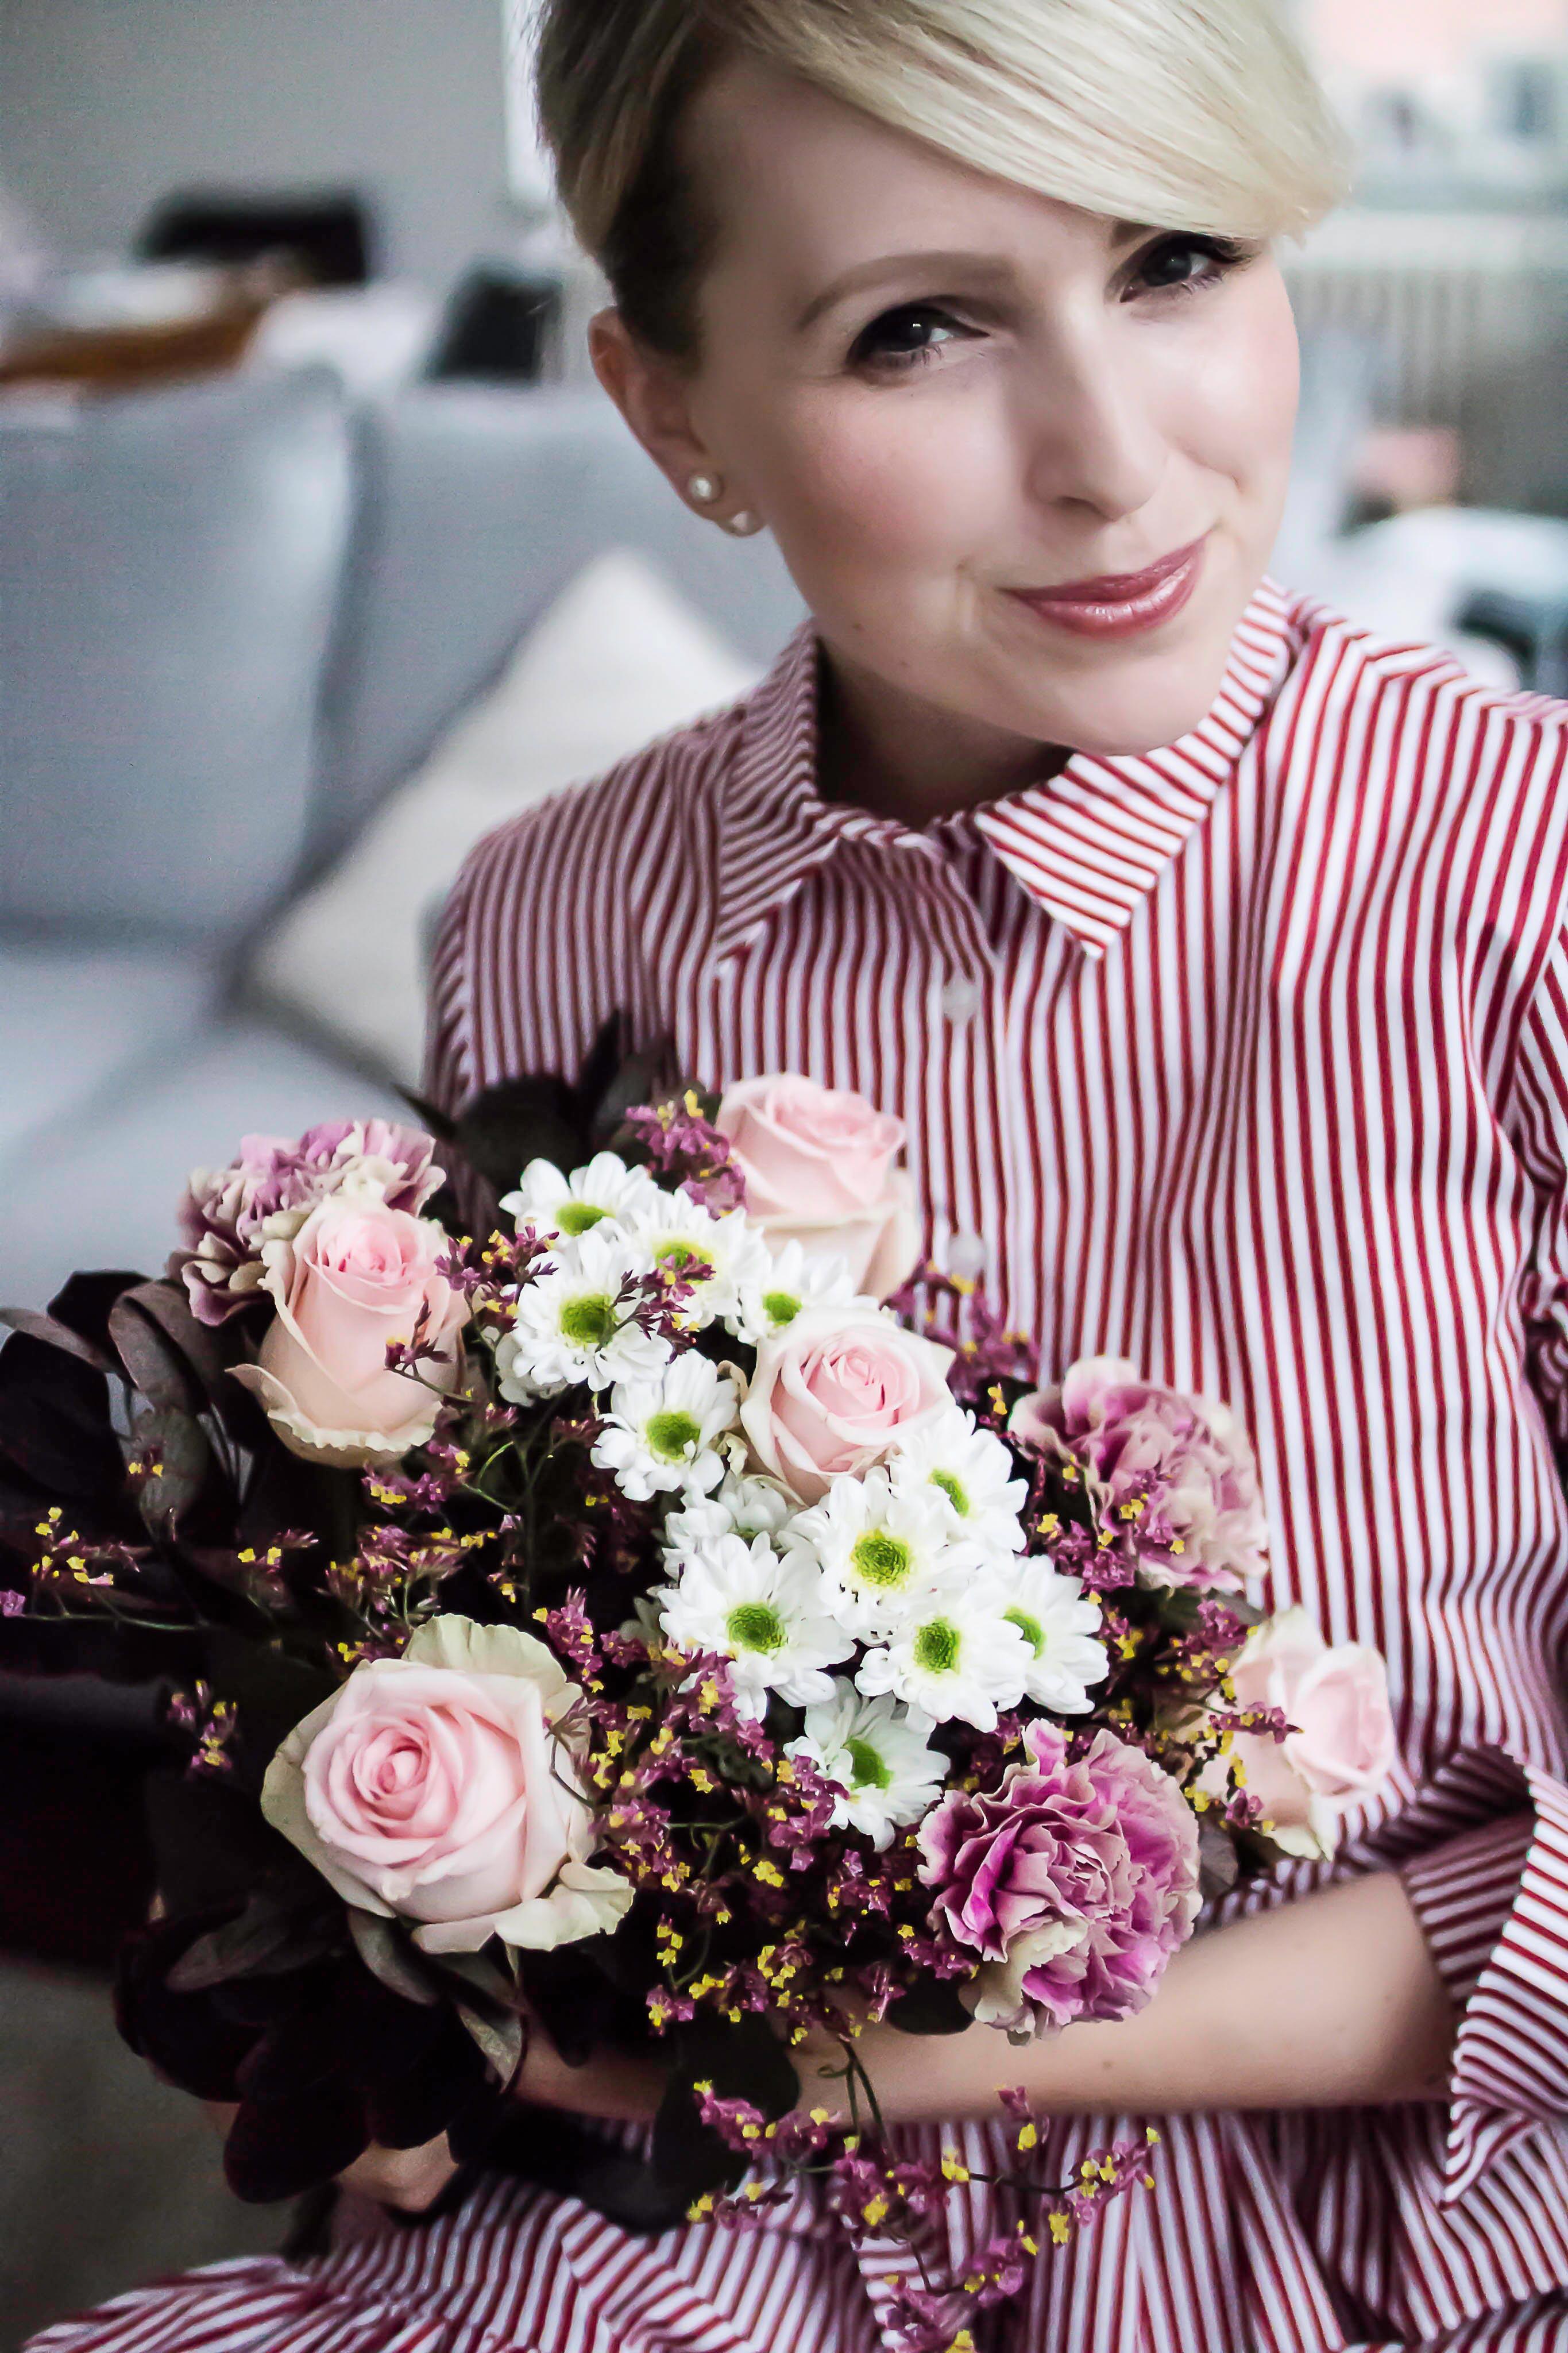 Blume2000_onlineshop_blogger_deutschland_blumen-instagram